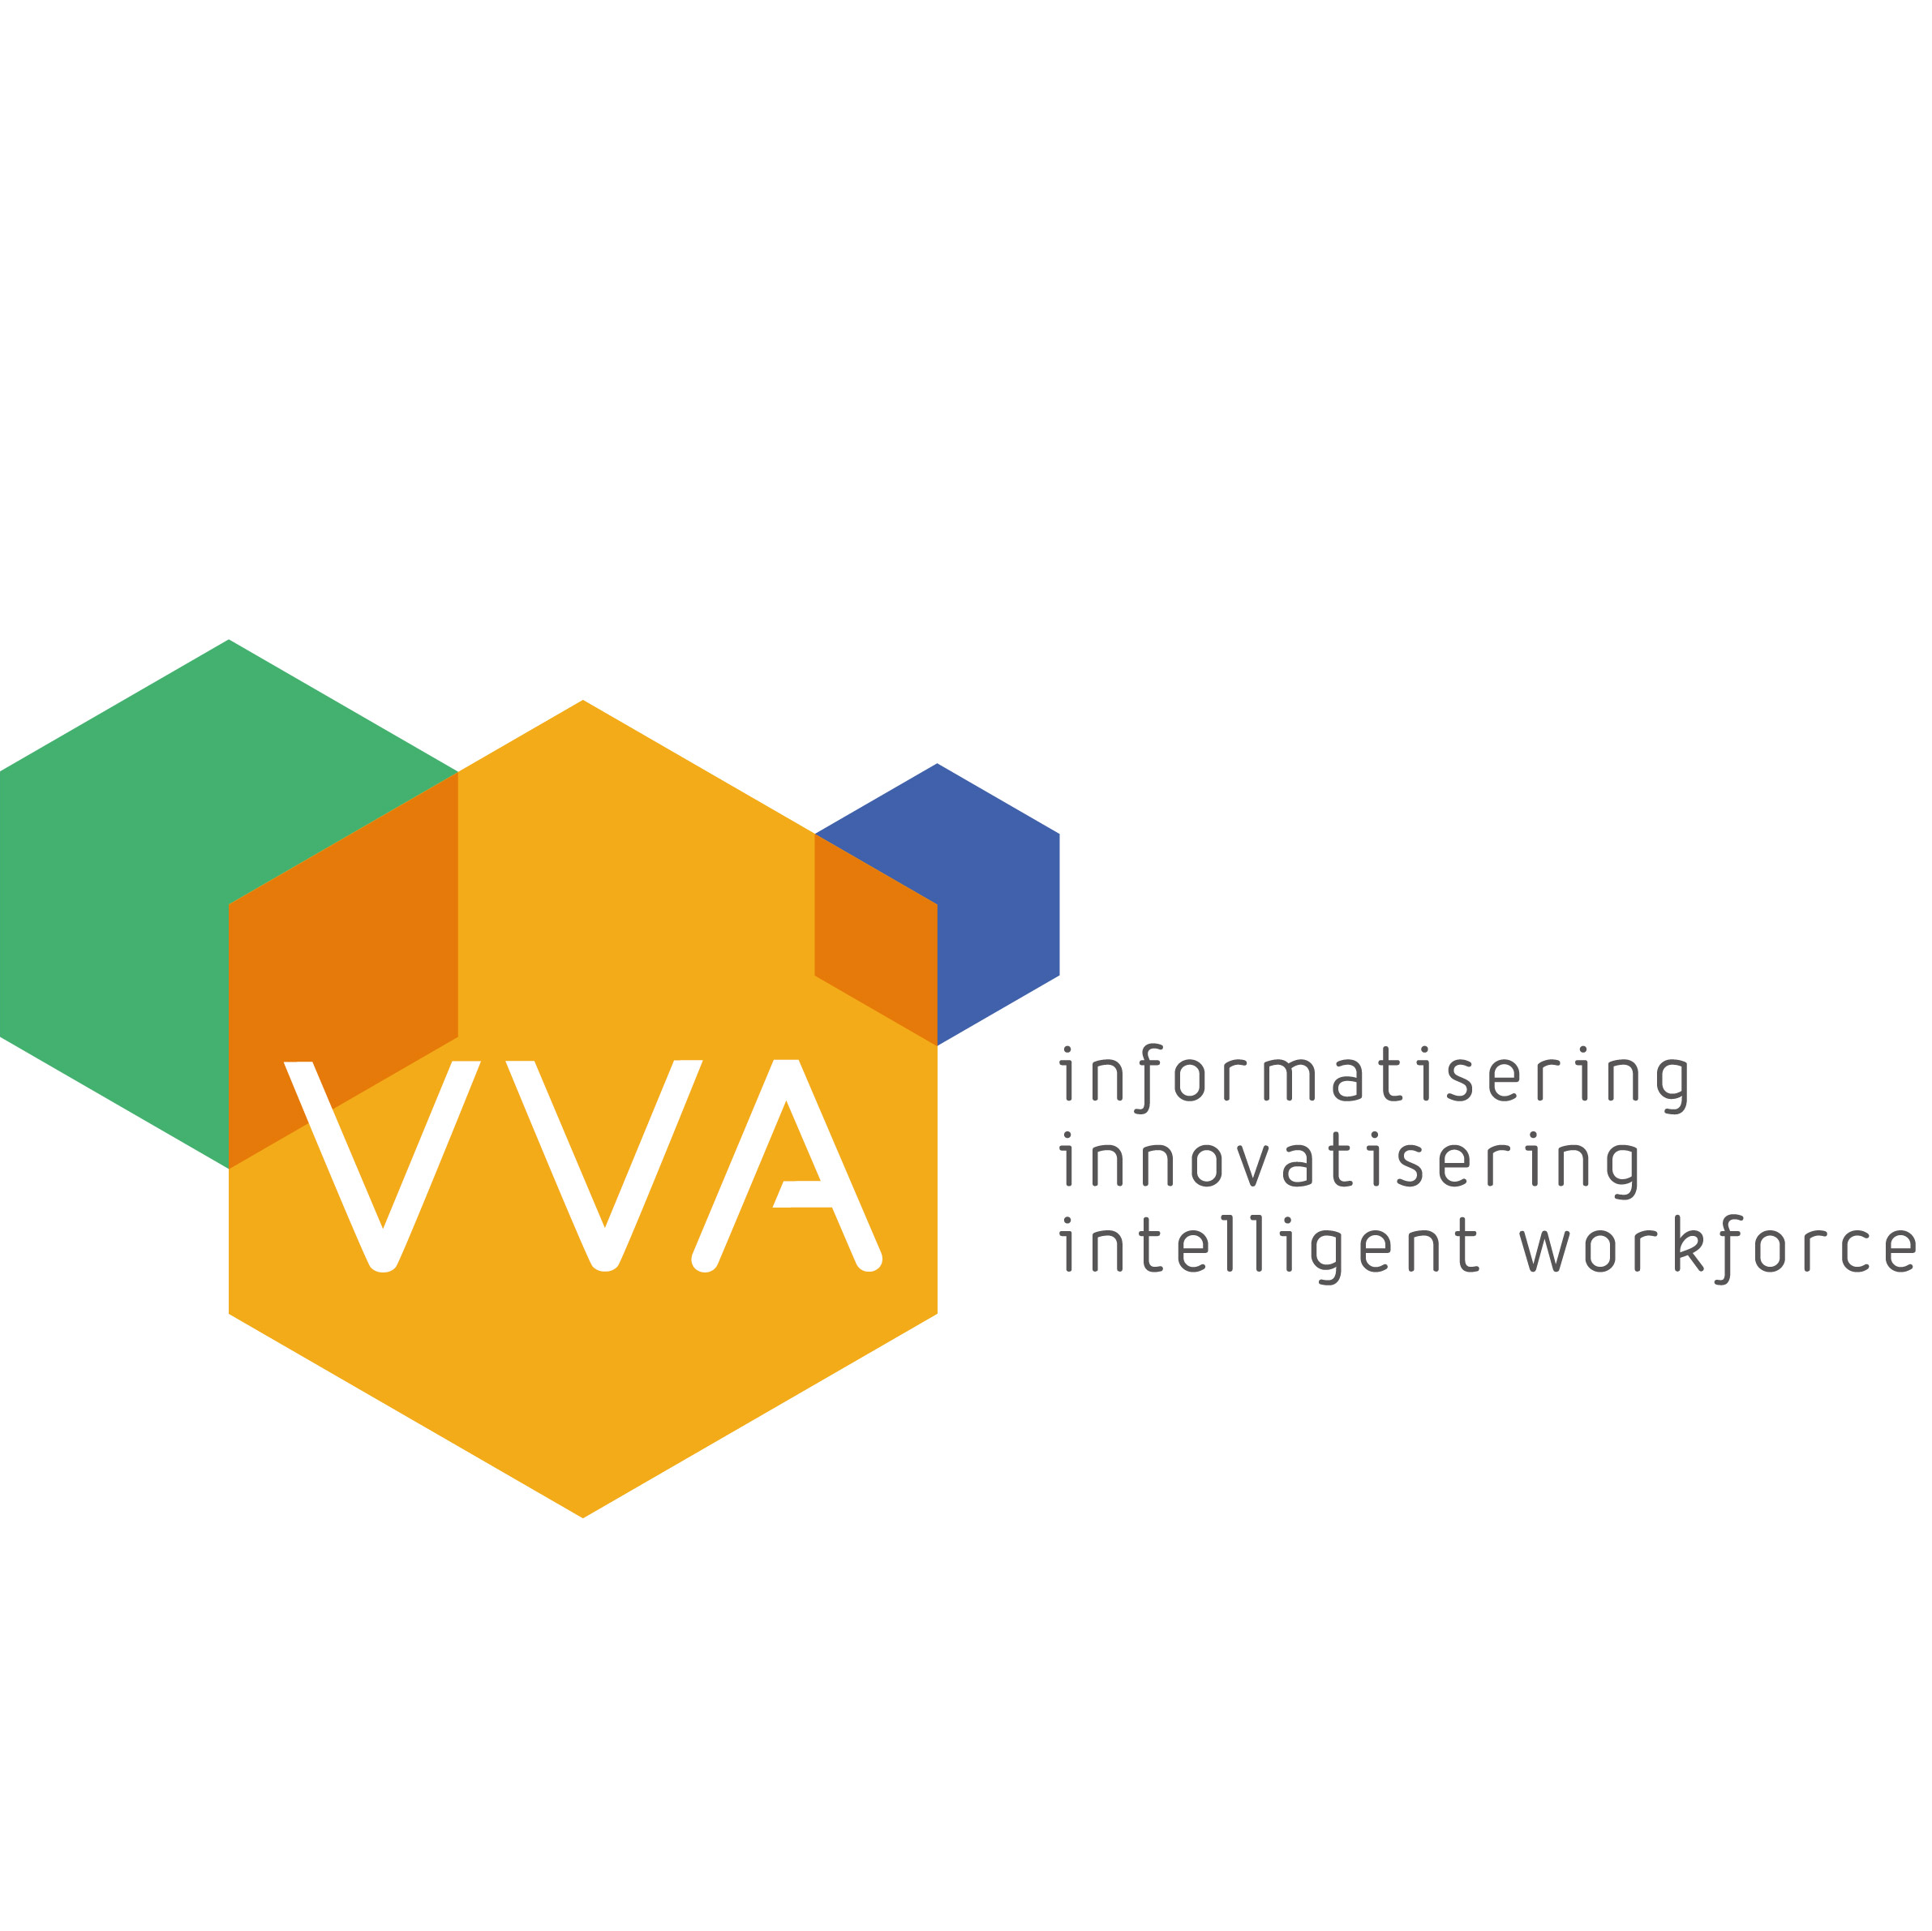 VVA Informatisering